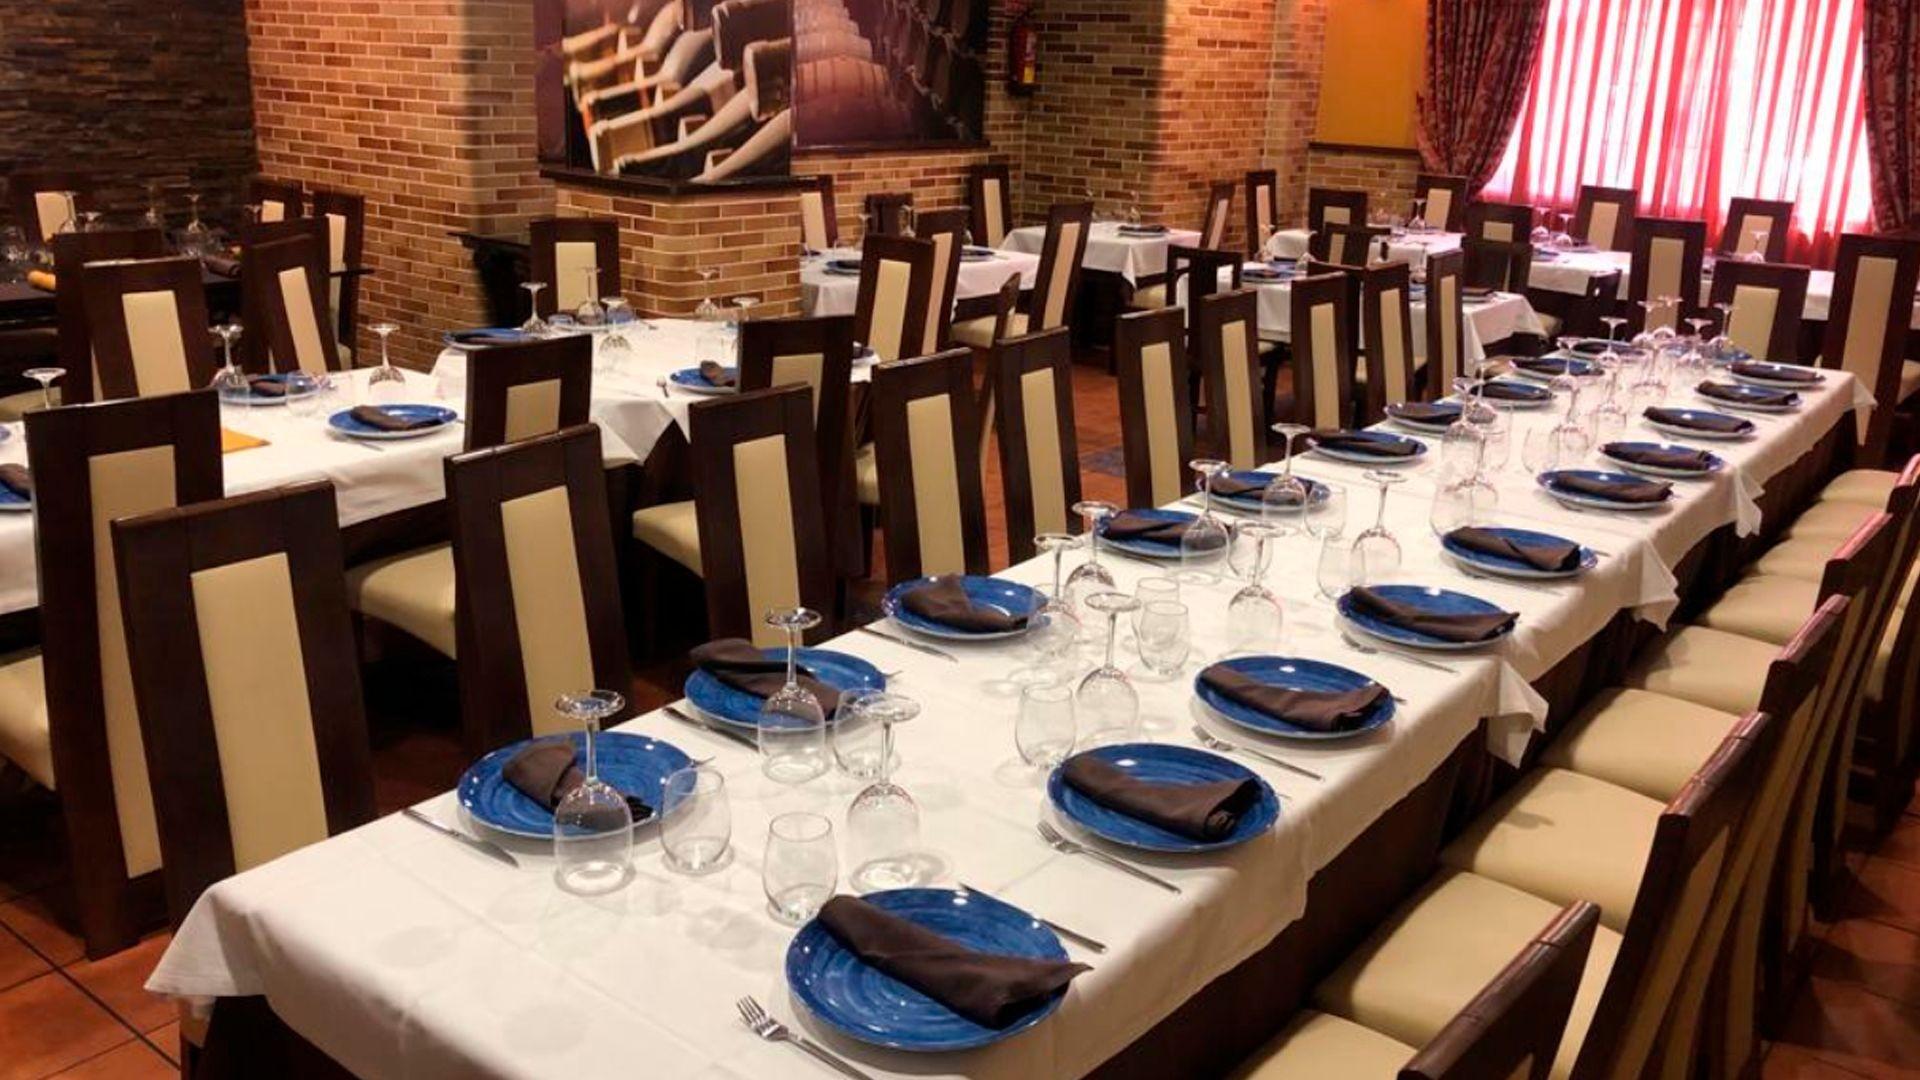 Restaurante de cocina tradicional en Torrejón de la Calzada